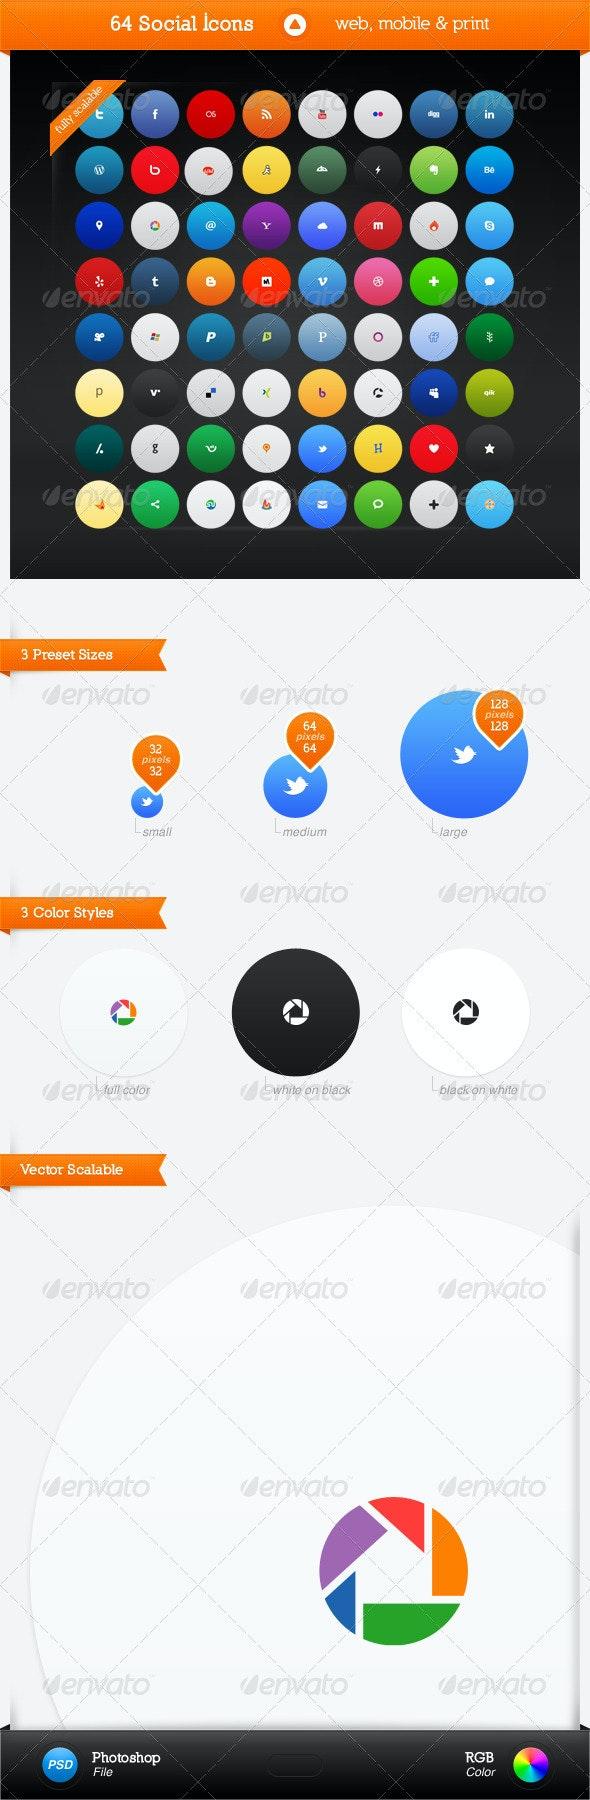 64 Social Media Icons - Web Icons